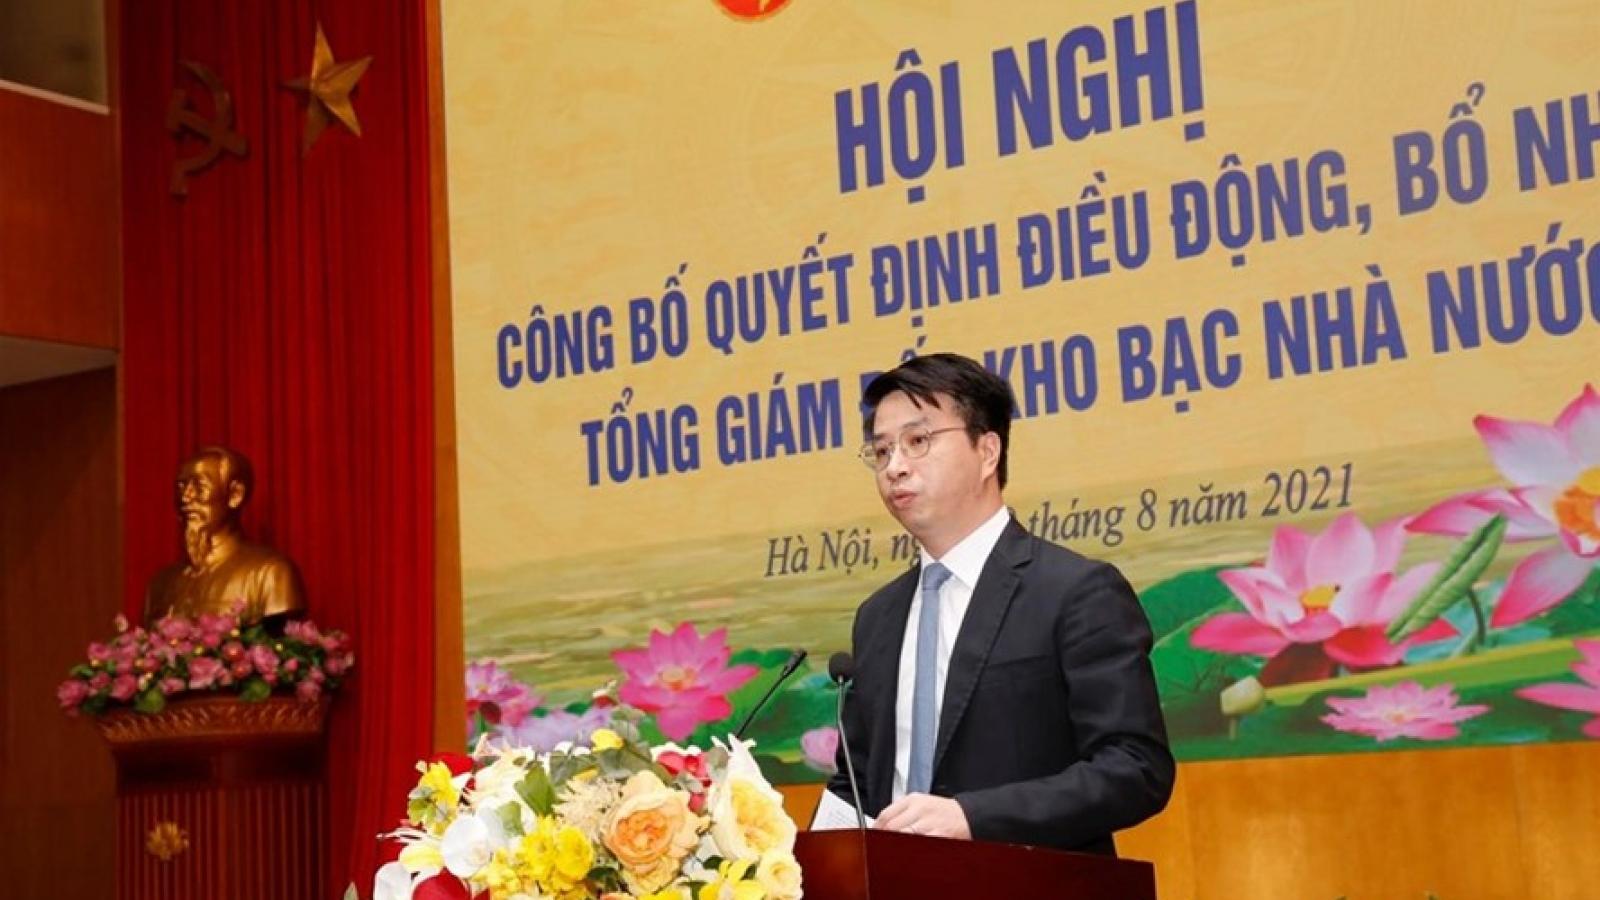 Chánh Văn phòng Bộ Tài chính giữ chức Tổng Giám đốc Kho bạc Nhà nước